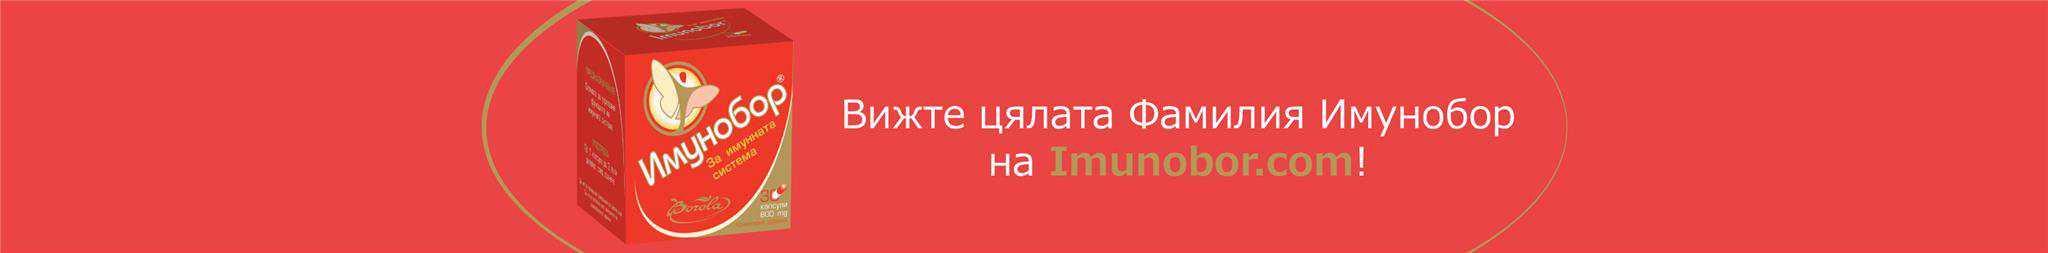 imunobor-728x90.png